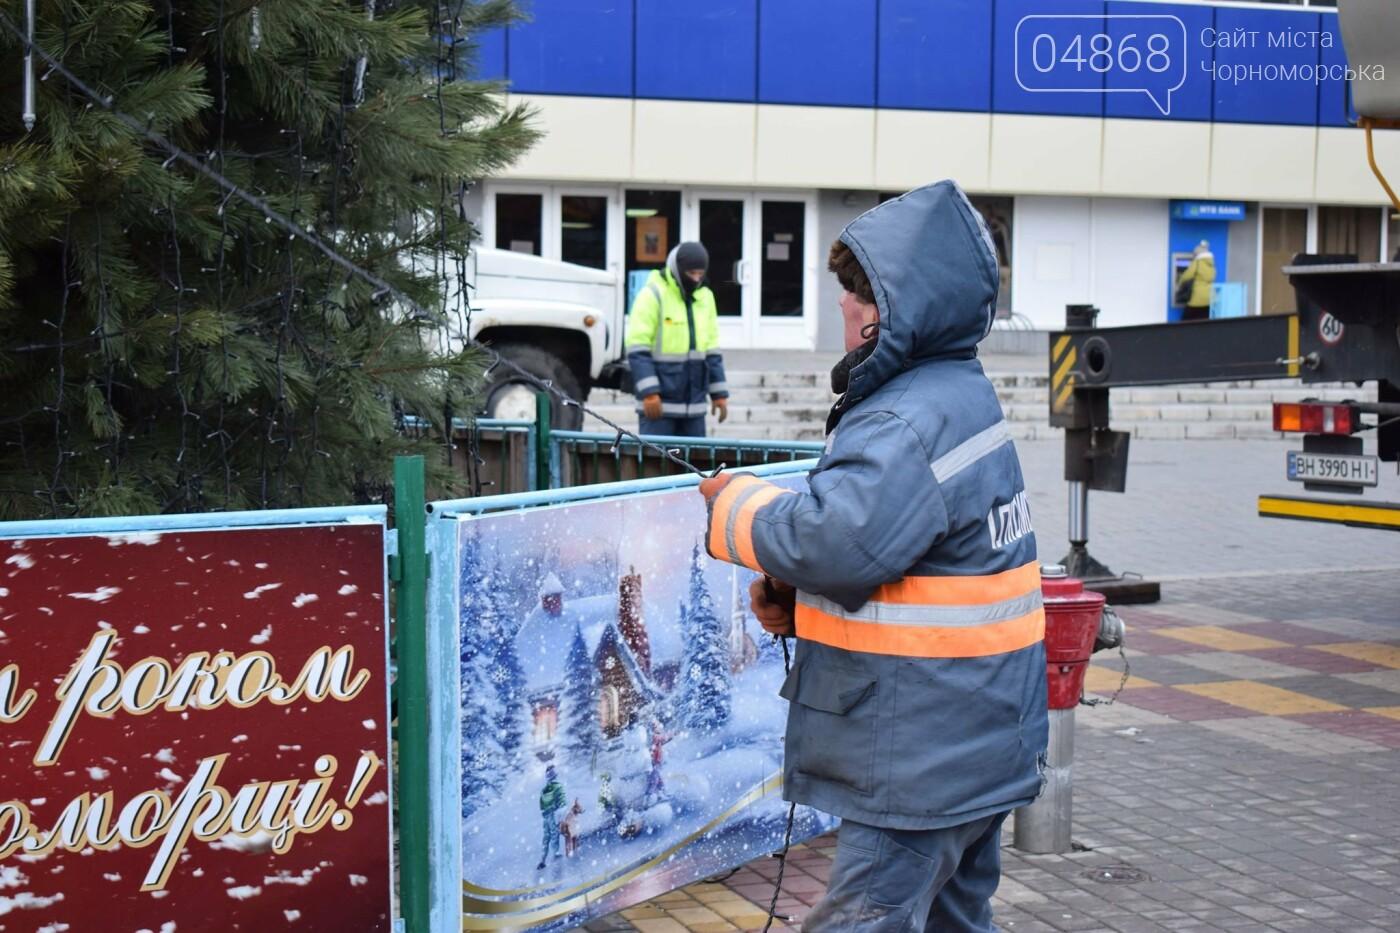 Немного грустно, но неизбежно: в Черноморске разбирают новогодние ёлки, фото-18